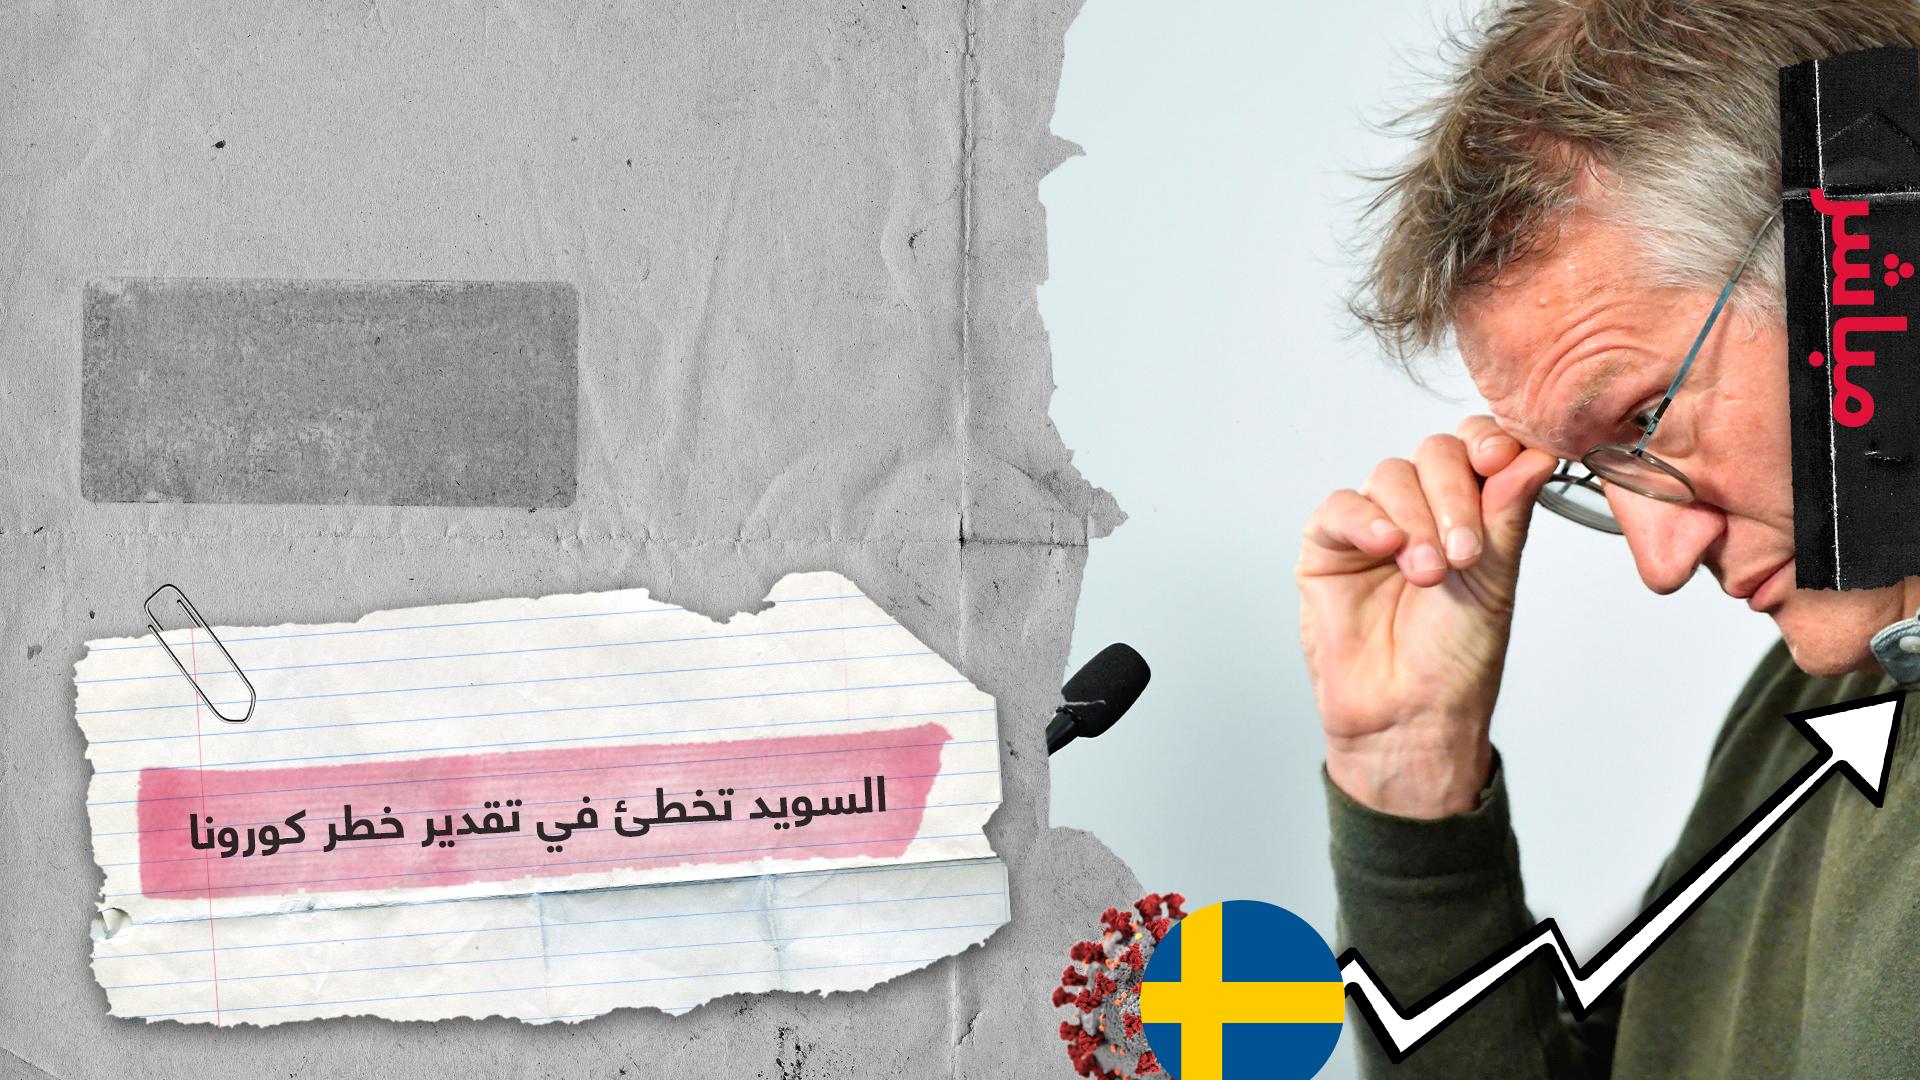 عالم أوبئة سويدي بارز يعتبر عدم تطبيق بلاده الحجر سببا لمعدل الوفاة العالي نسبيا